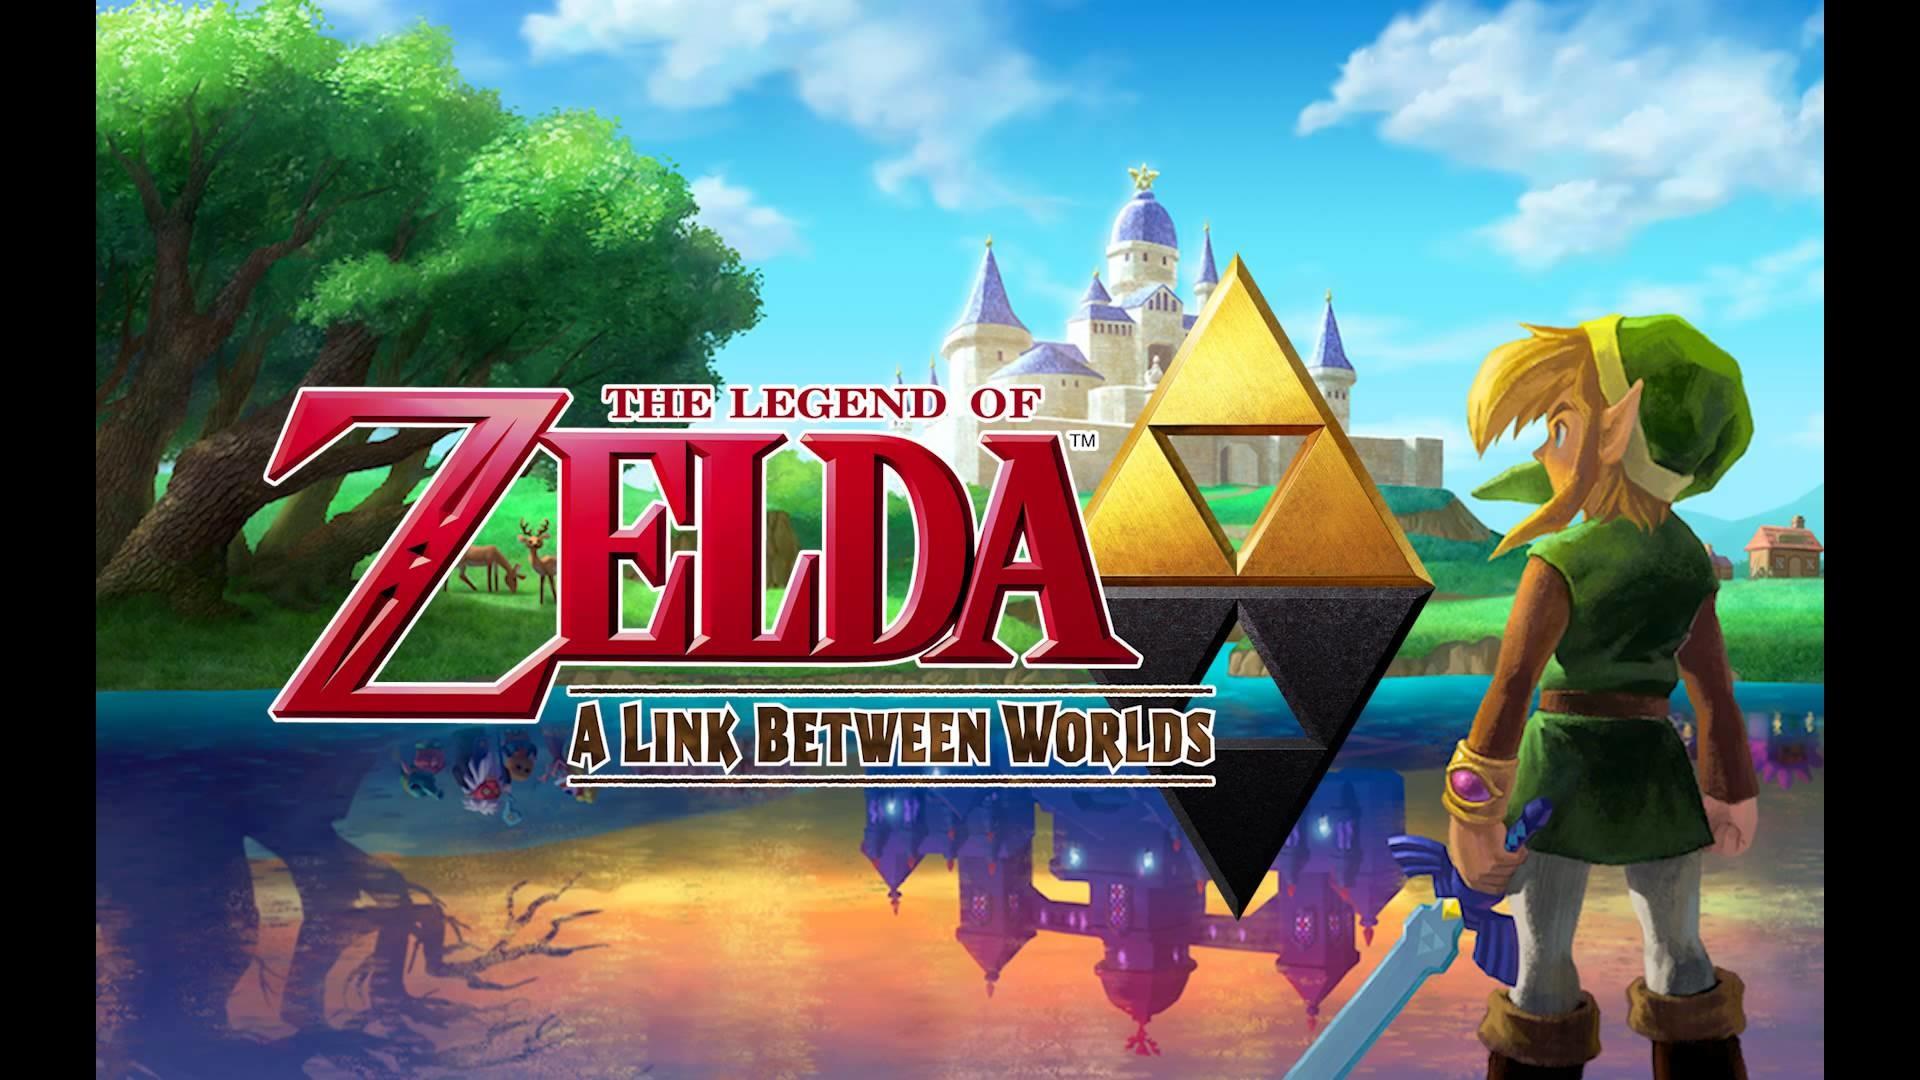 Legend Of Zelda Link Wallpaper 78 Pictures